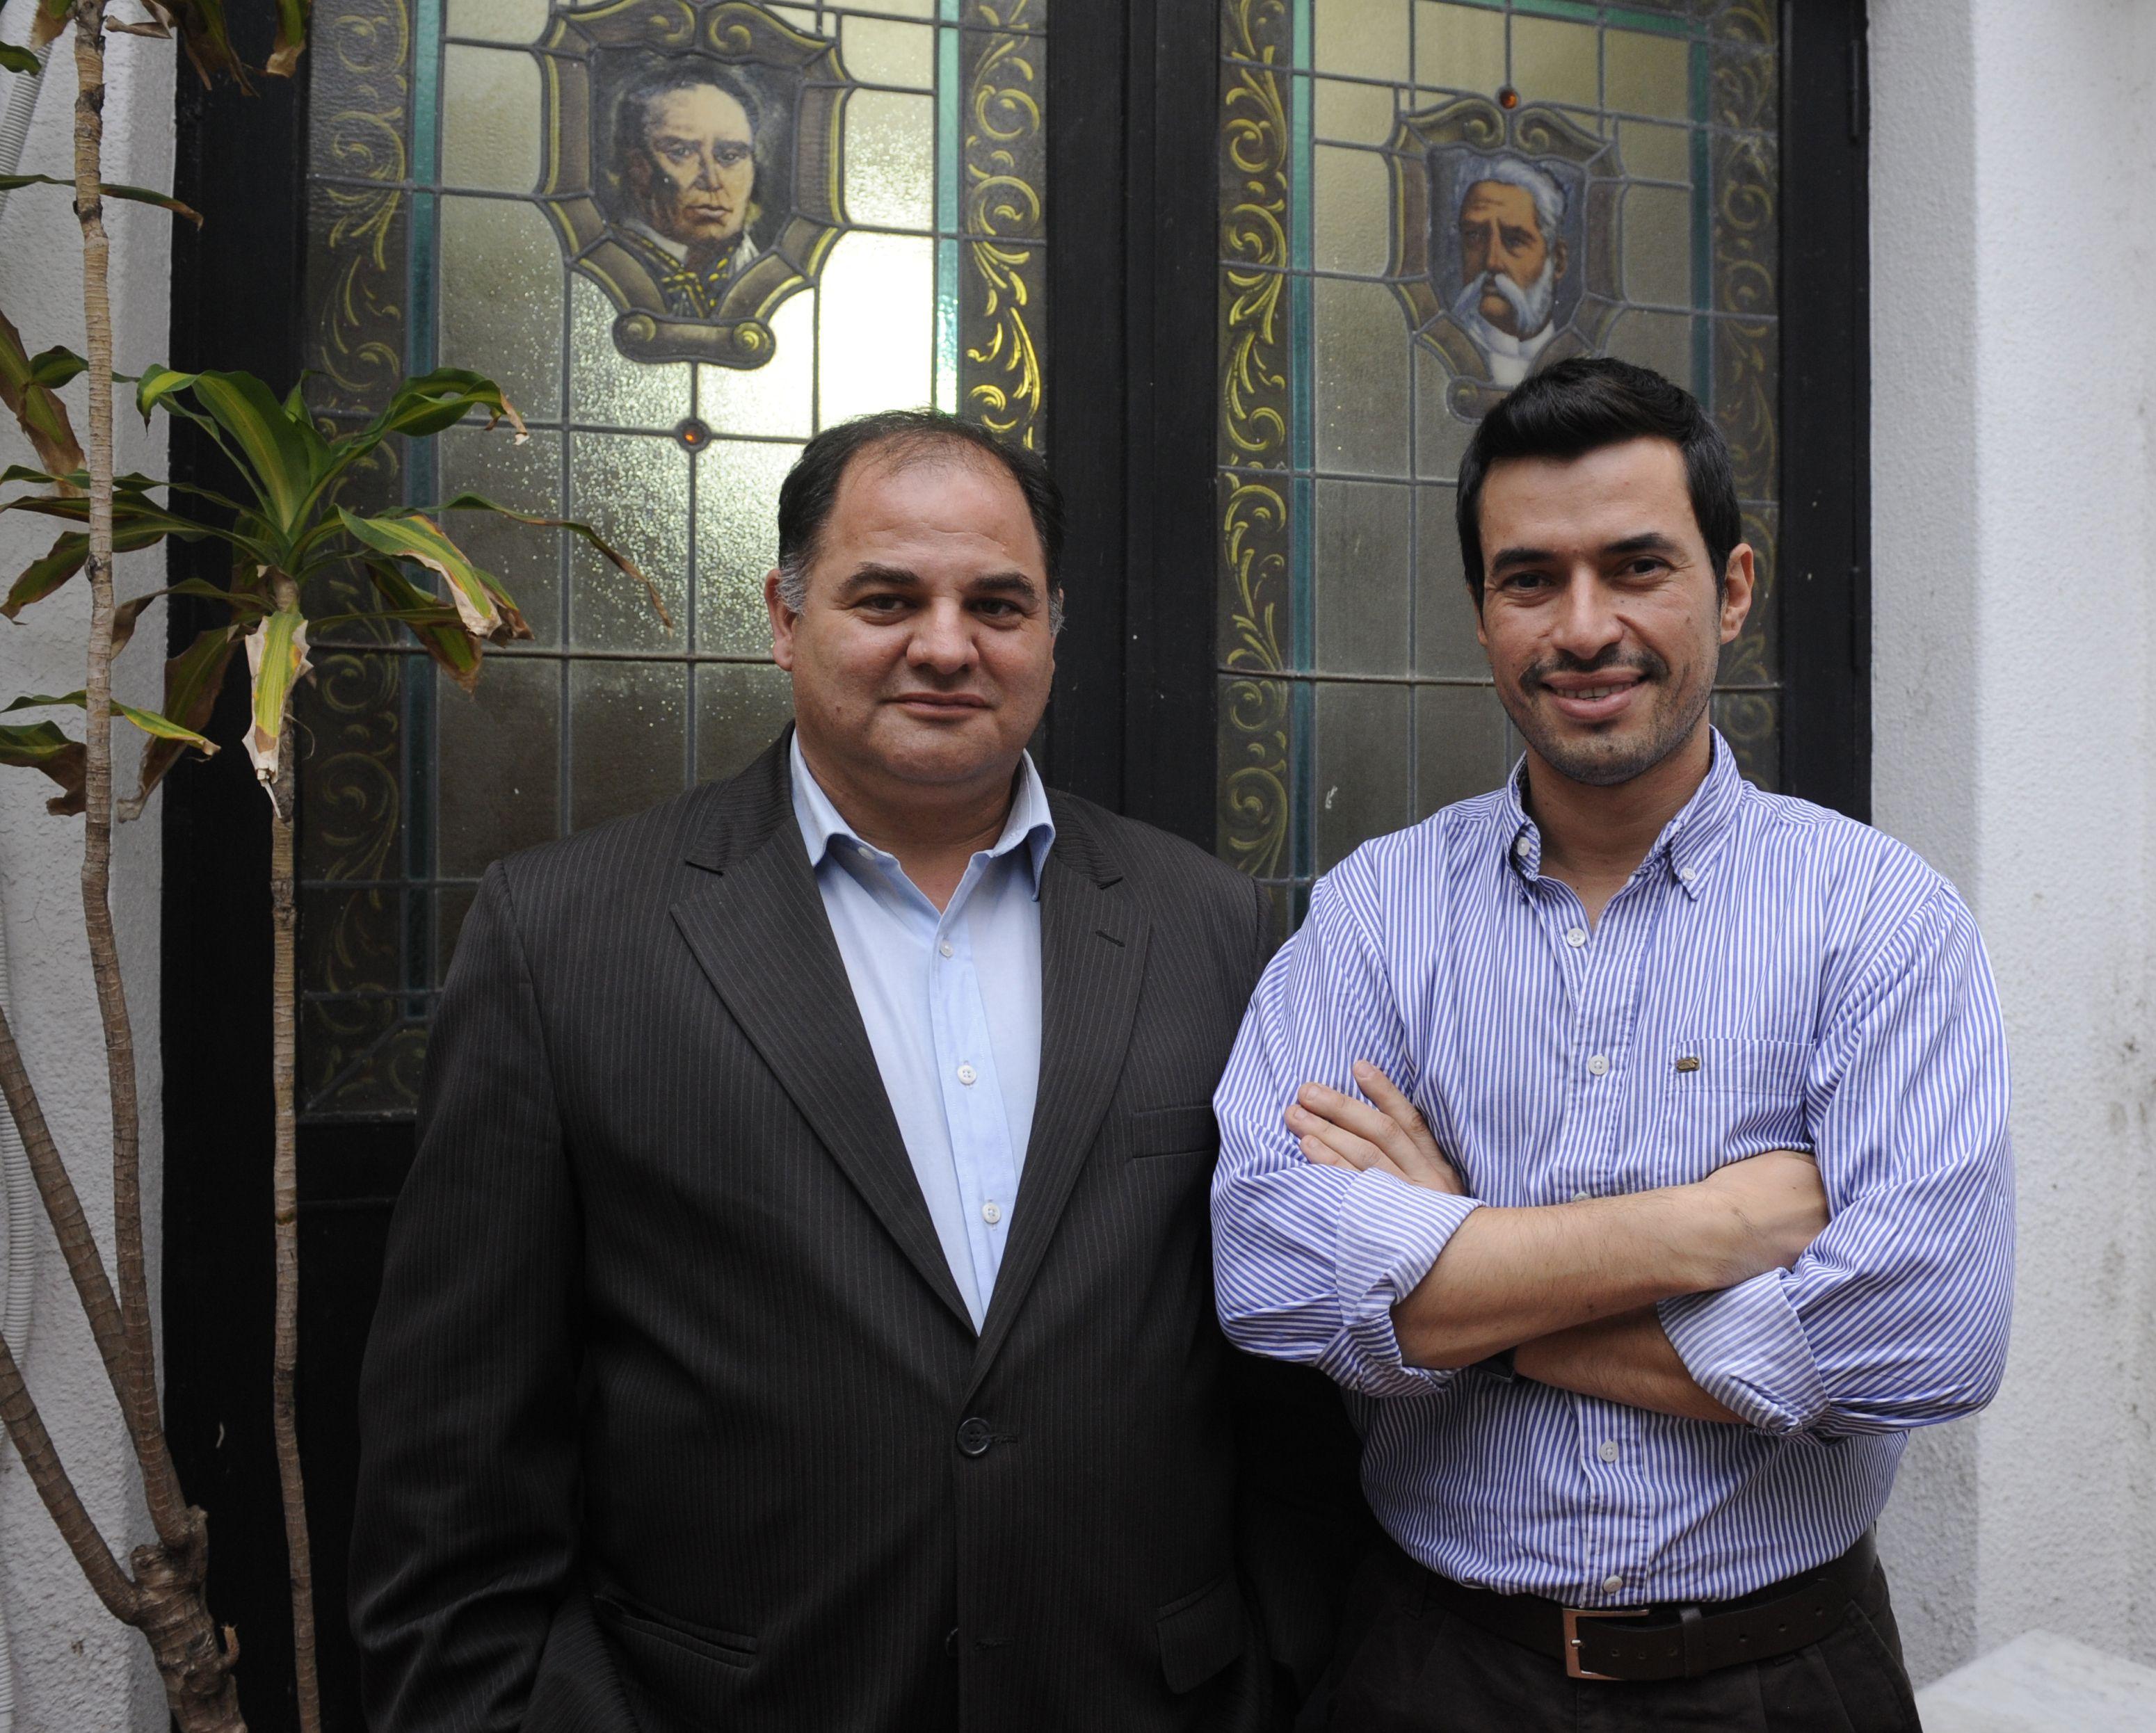 Frente Renovador: Andrés Chiarrello y Francisco Rui Fernádez.